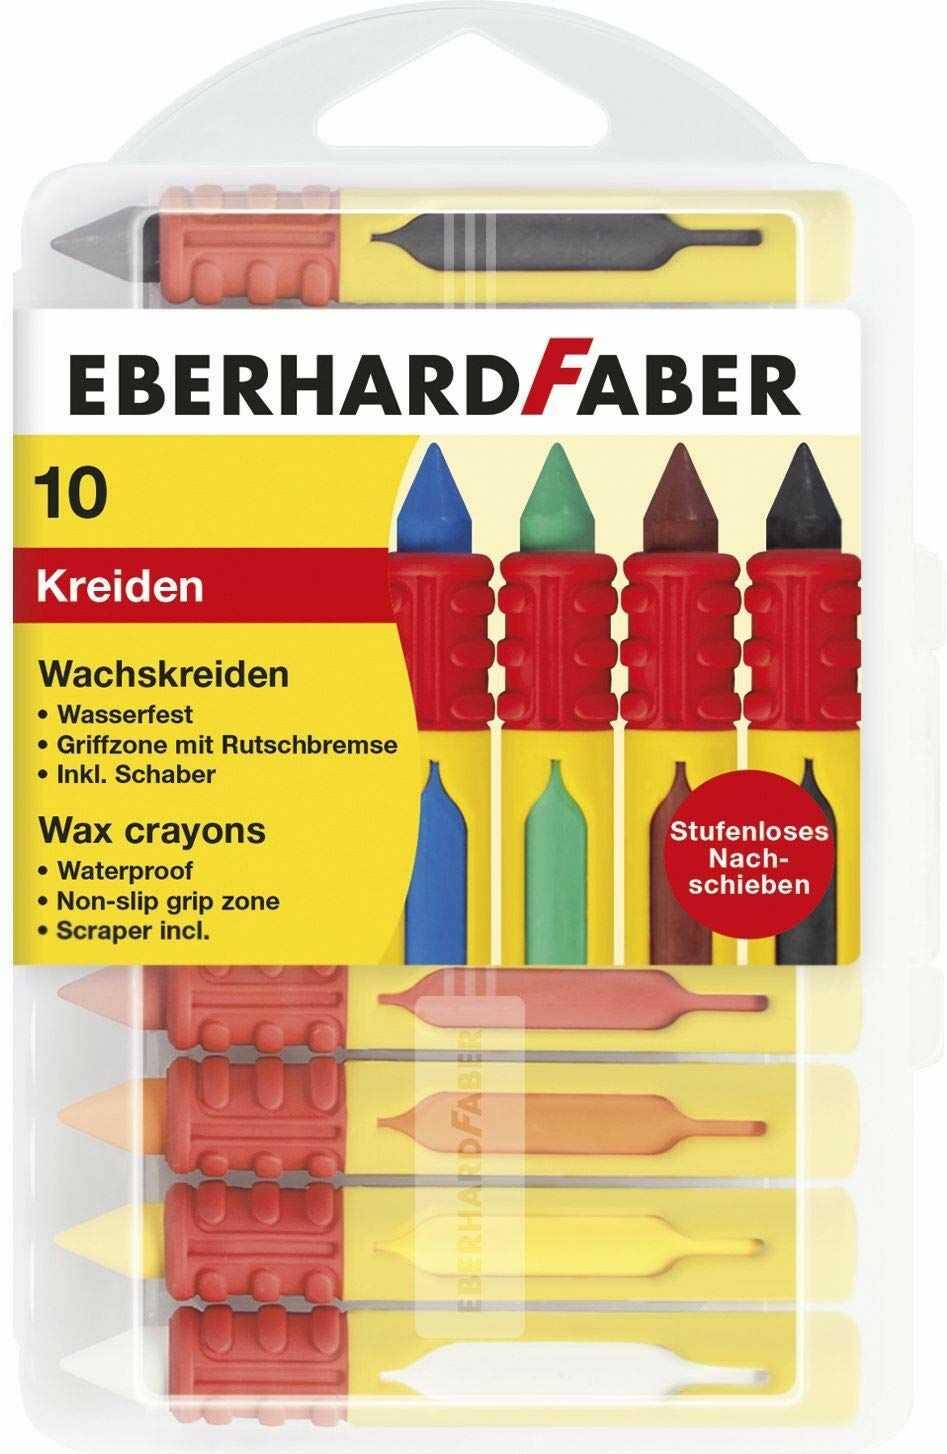 Eberhard 521009 Faber 521009 kreda świecowa z tulejką przesuwną i hamulcem antypoślizgowym, wielokolorowa